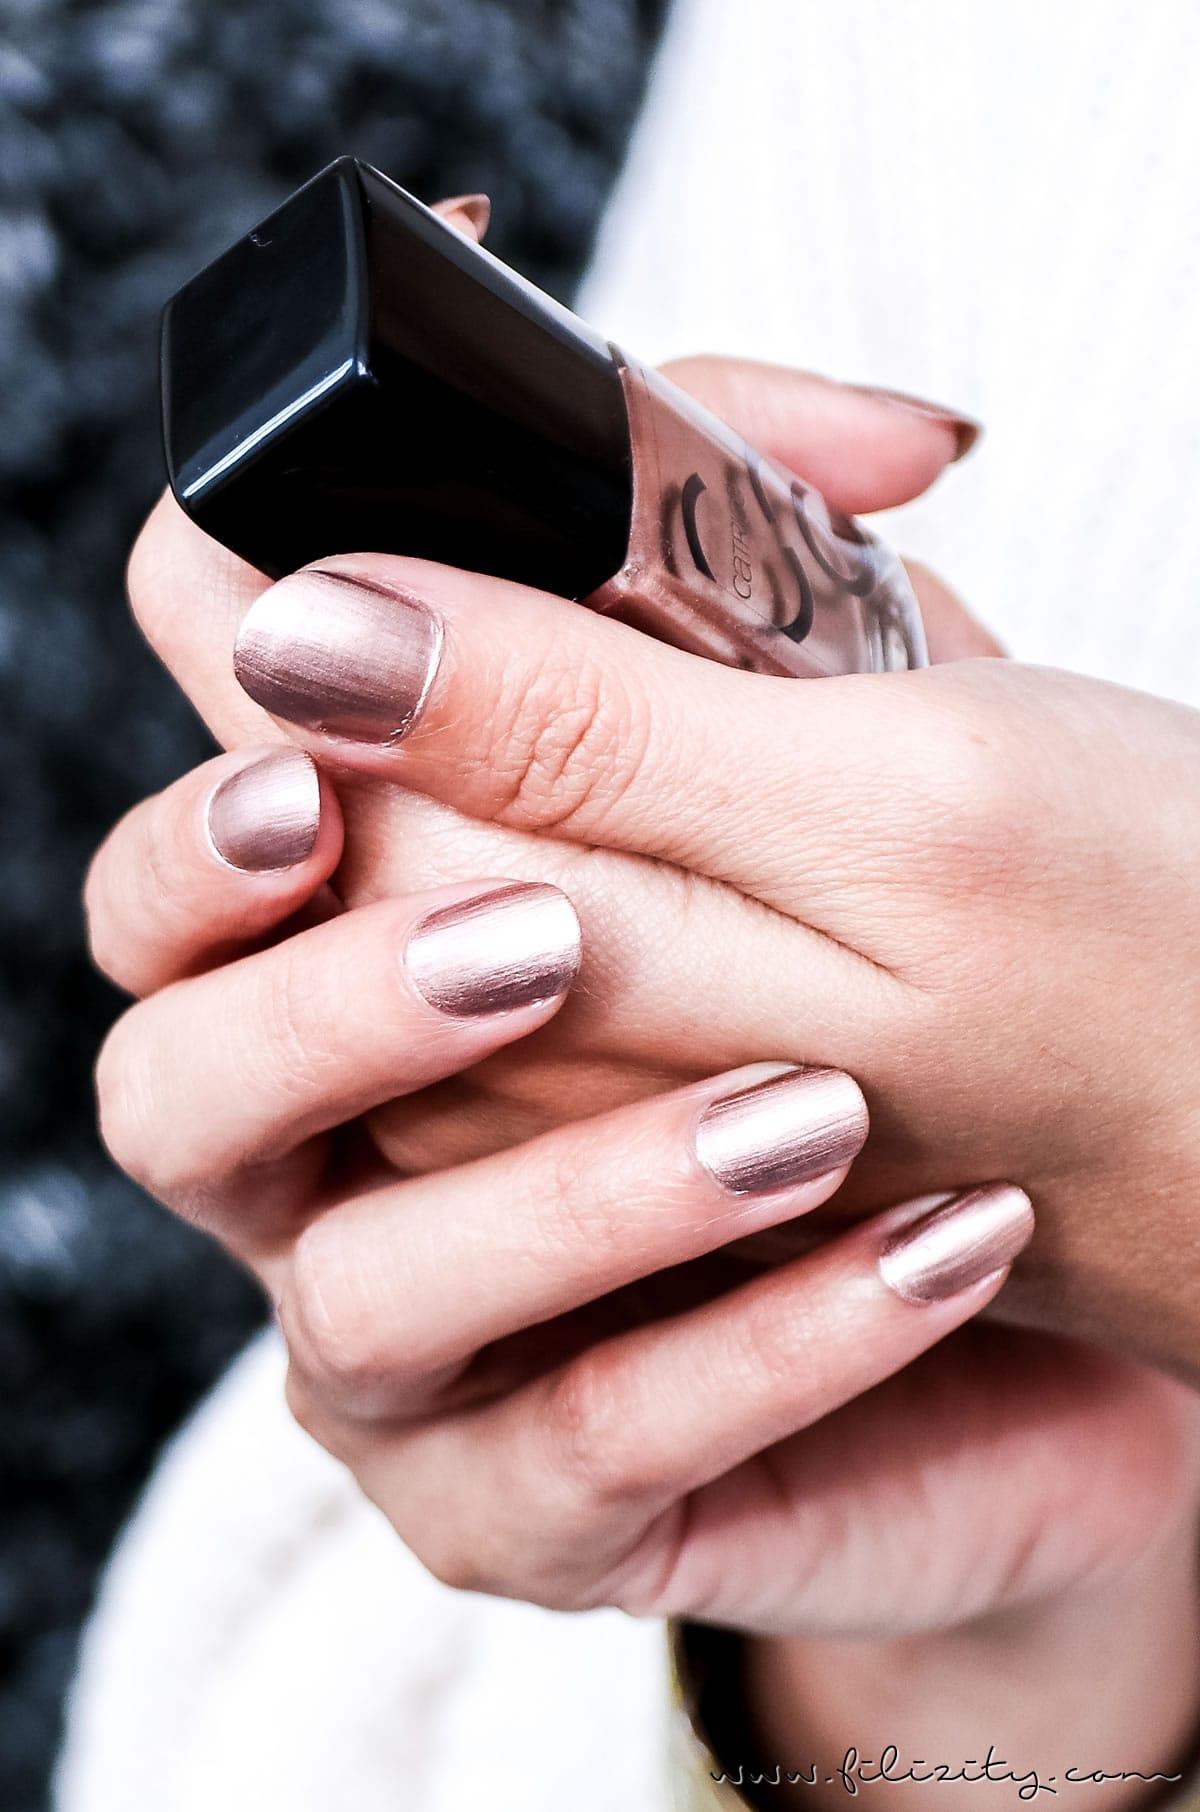 Nagellack-Trends Herbst / Winter 2017 - Diese Farben sind jetzt angesagt #nagellack #naildesign #nails #trend #herbst #winter